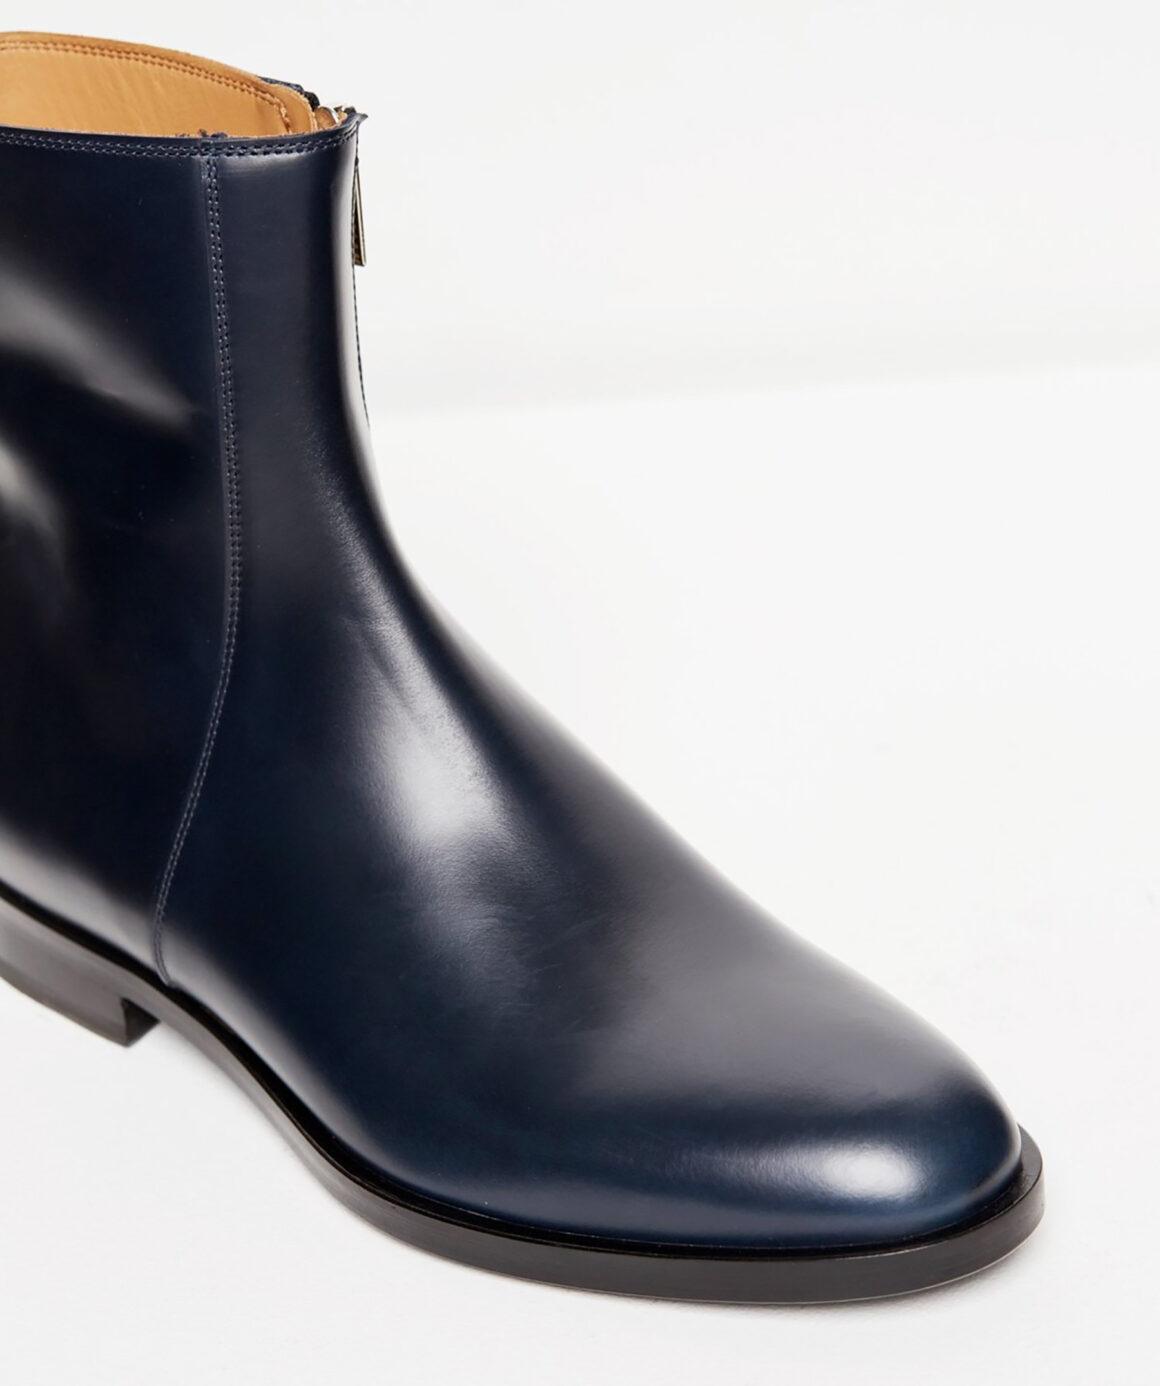 Armando Cabral - Black-Owned Mens Shoe Designers